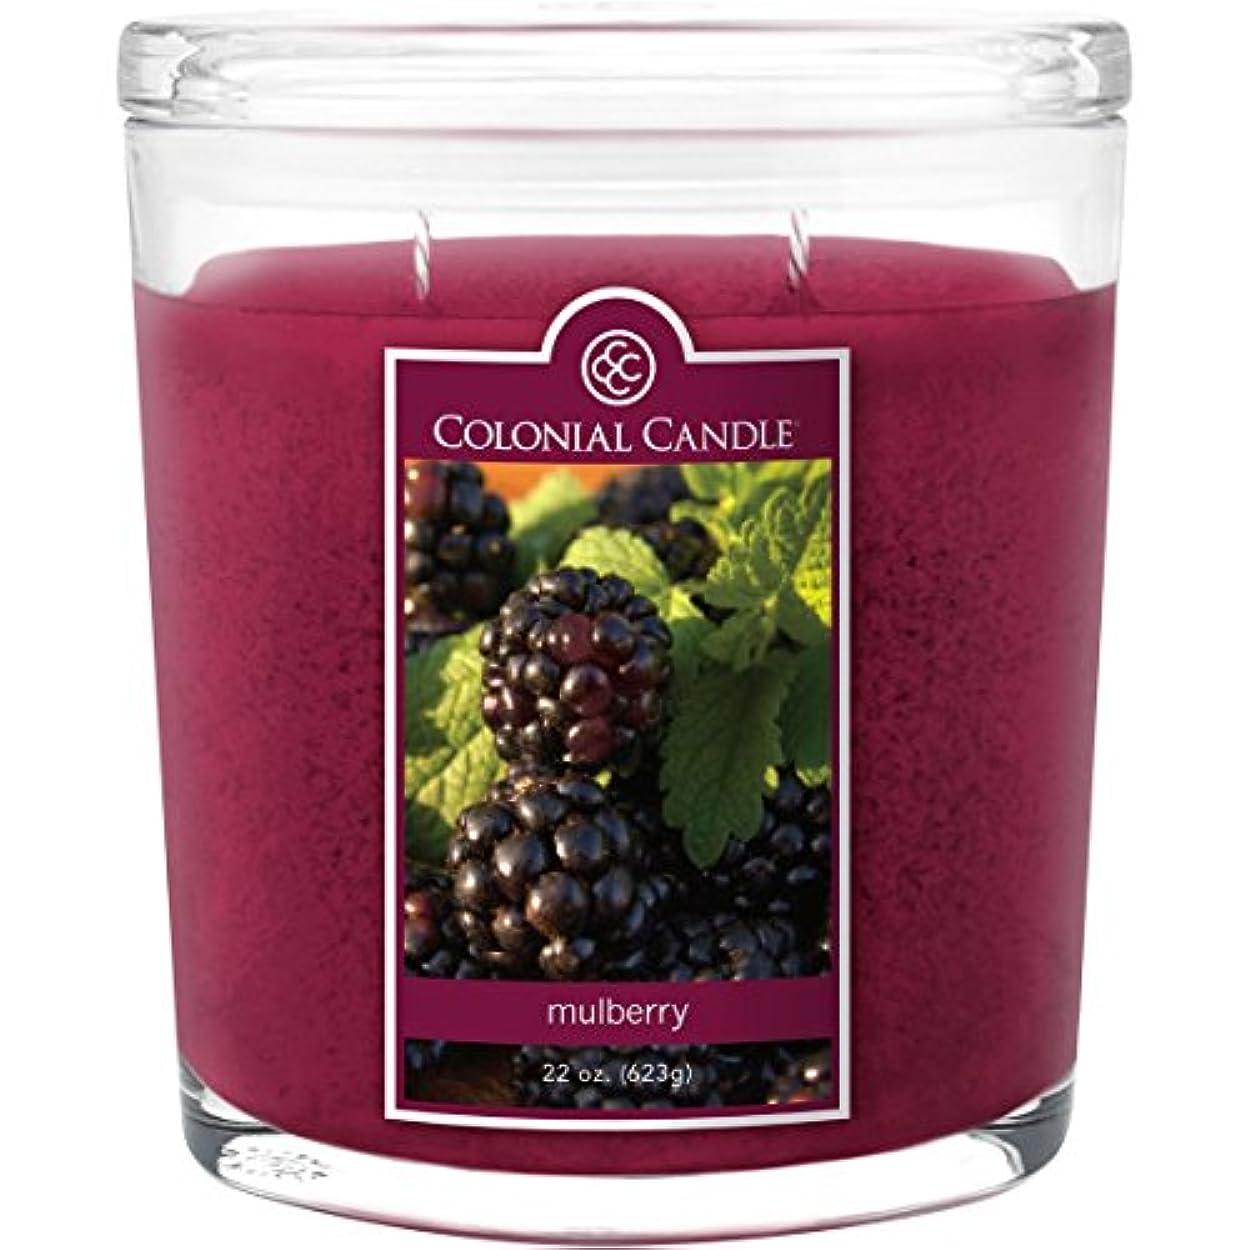 みがきます現れるサイバースペースColonial Candle Mulberry 22 oz Scented Oval Jar Candle by Colonial Candle